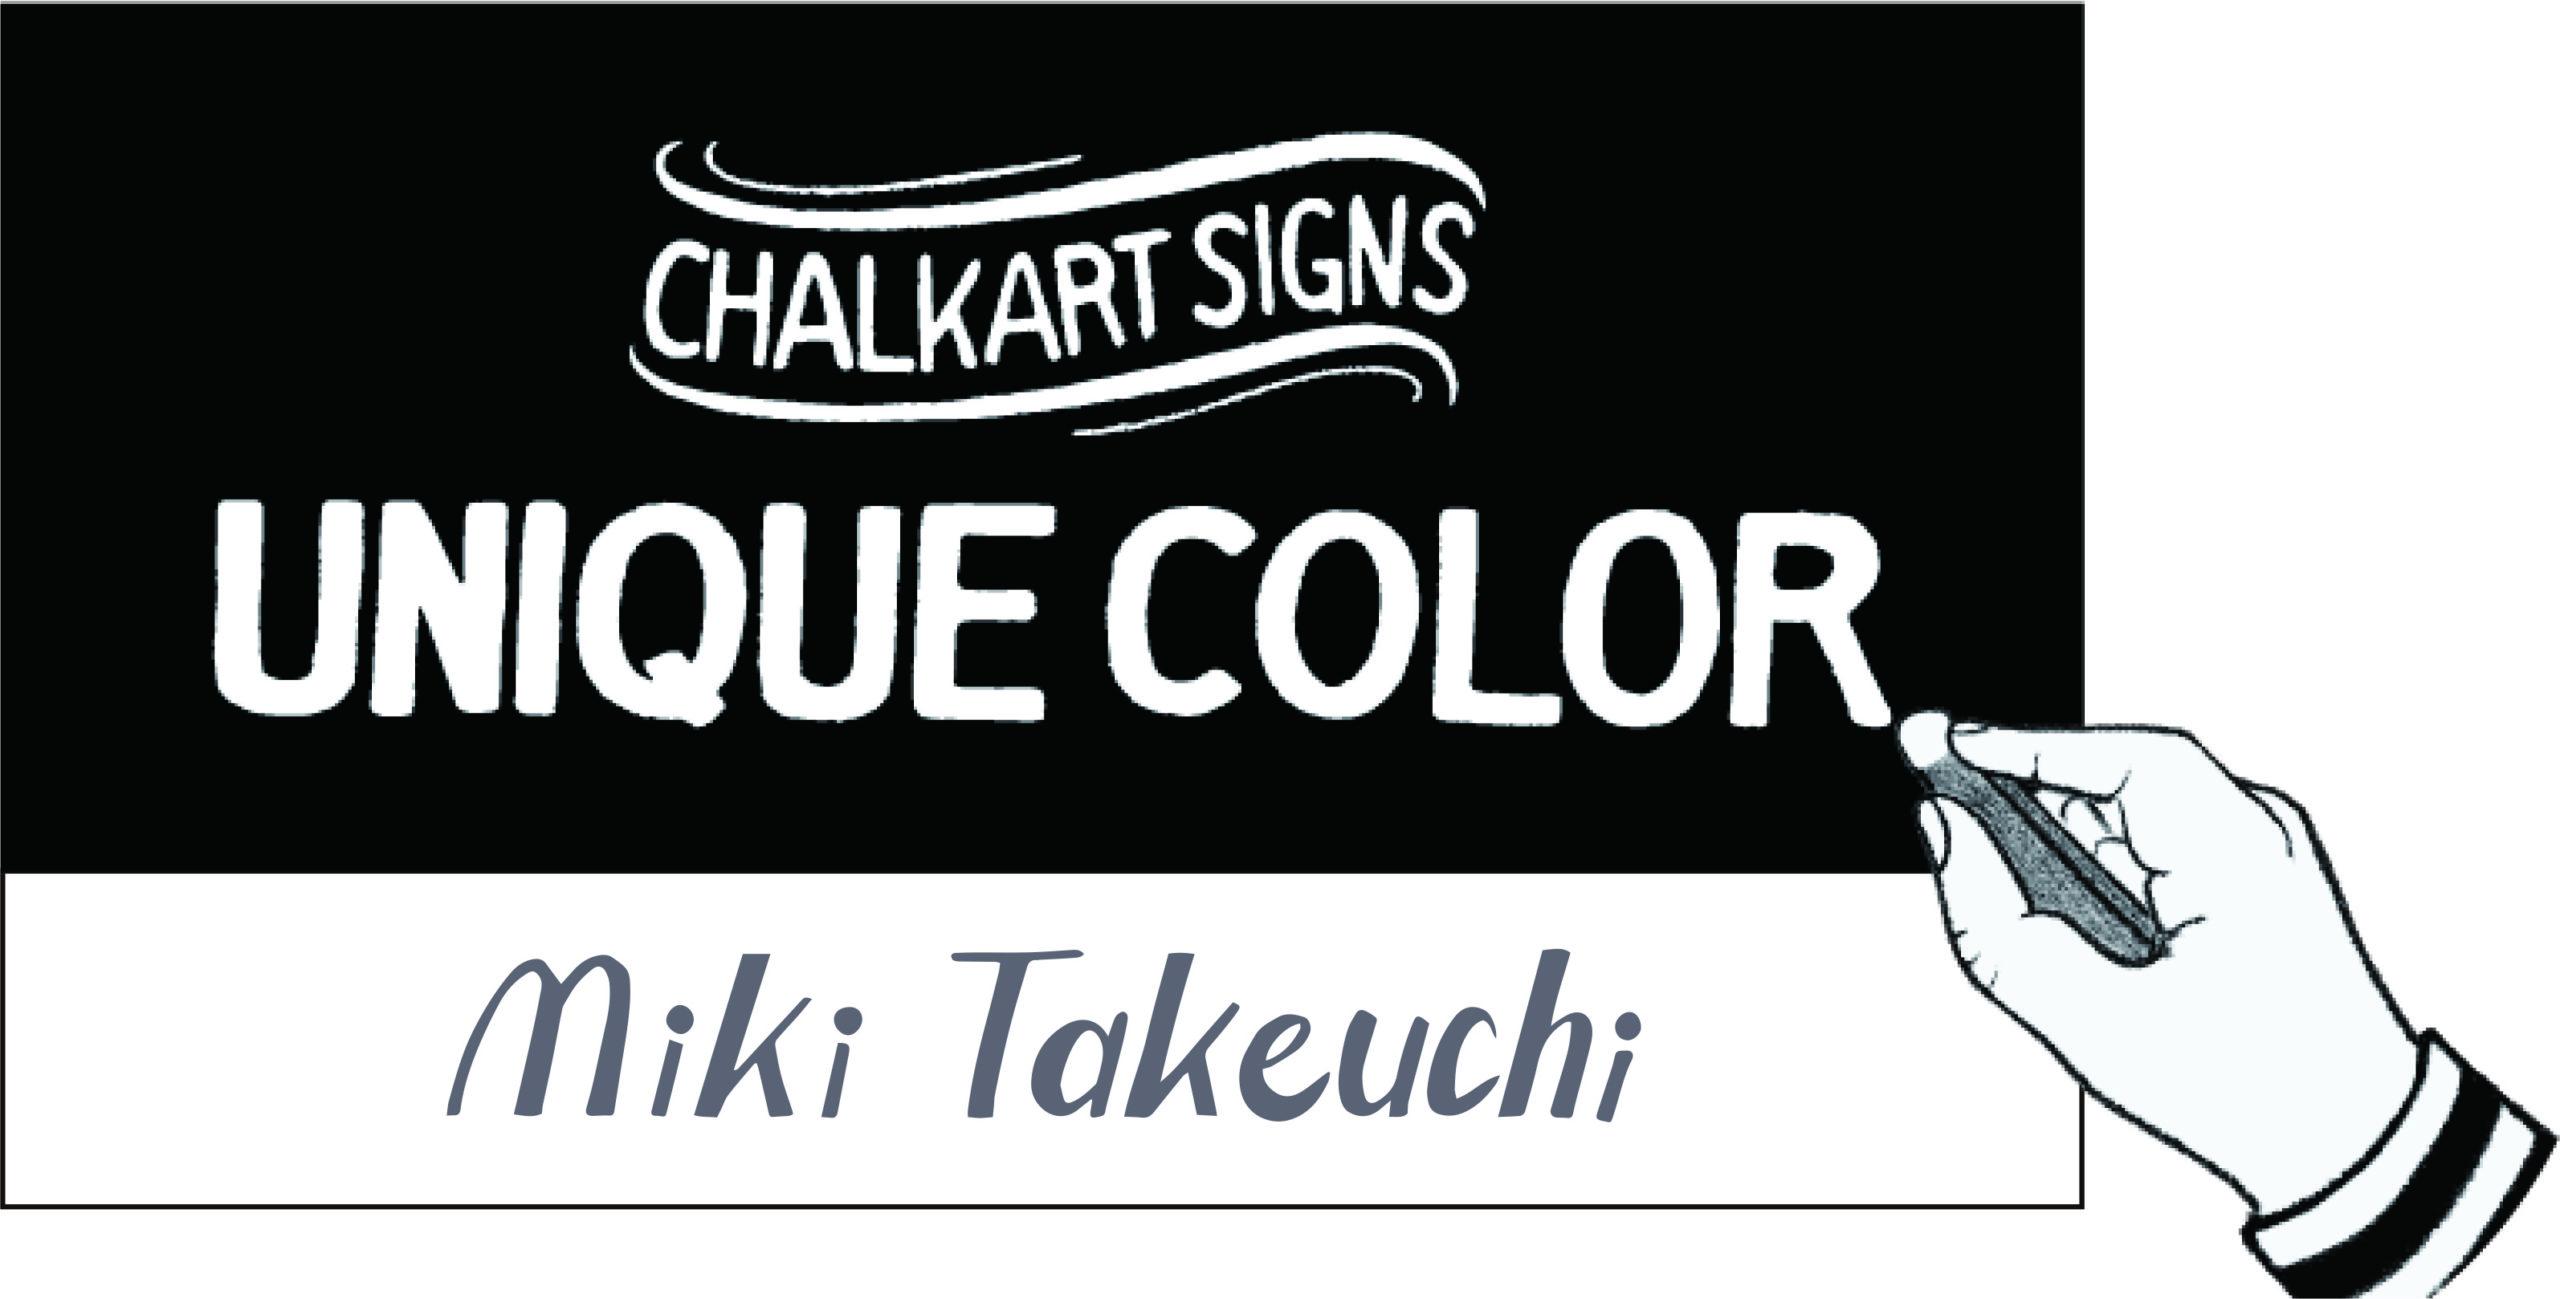 チョークアート看板制作 UNIQUE COLOR 看板をもっとARTに!